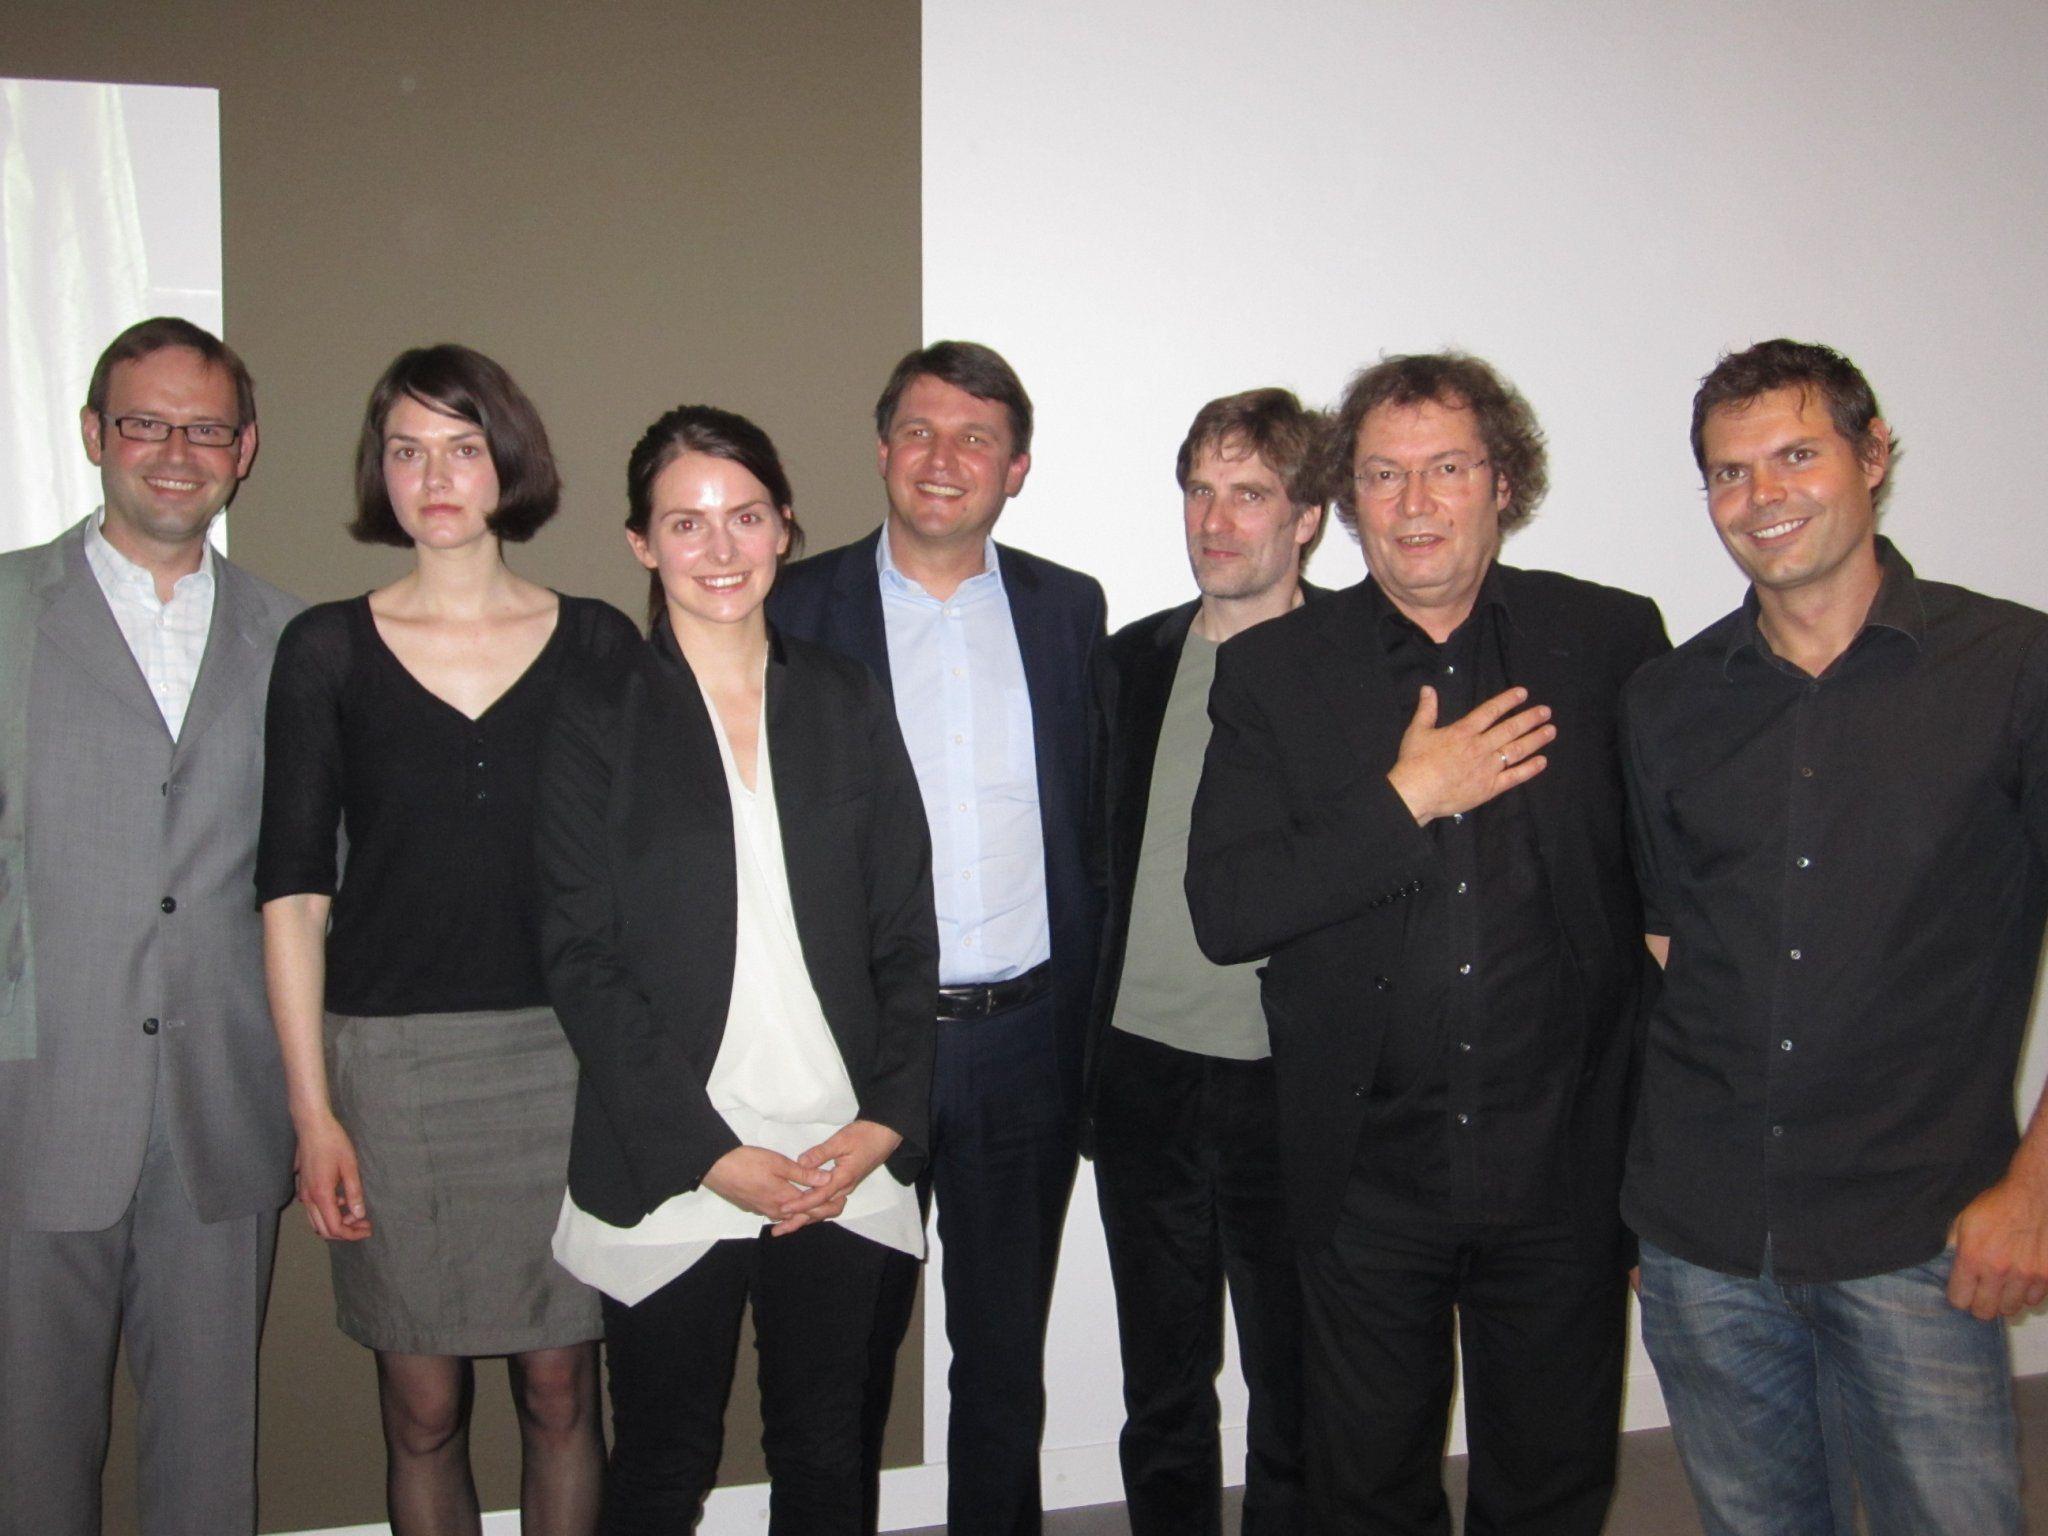 Claudia Larcher und Liddy 'Scheffknecht  präsentieren Installationen in der Galerie Hollenstein